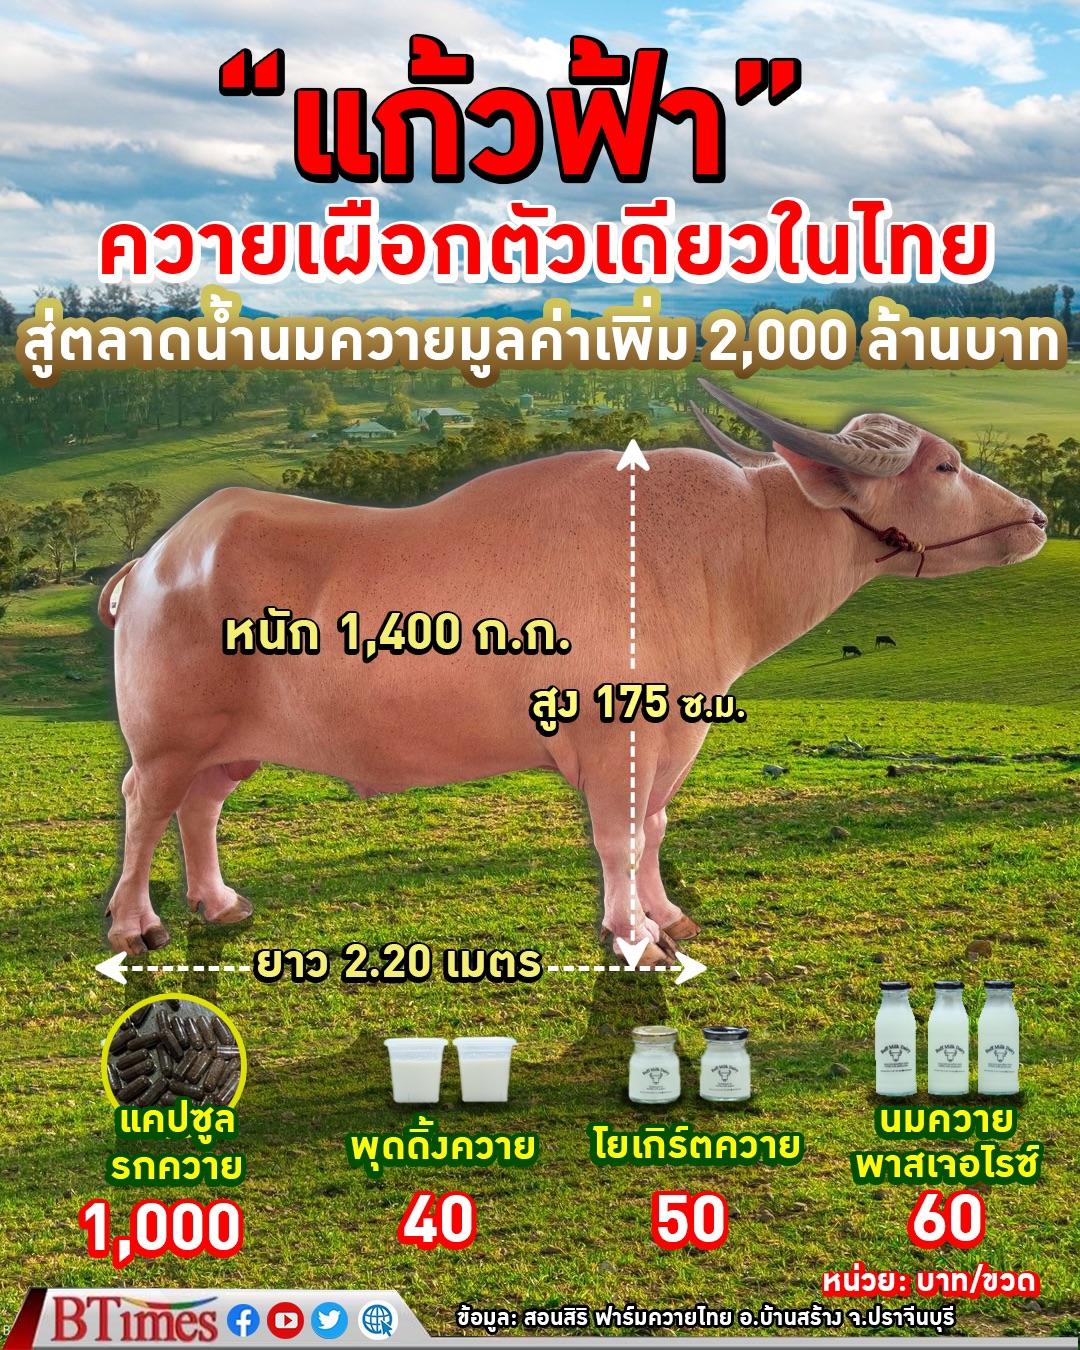 แก้วฟ้า ควายเผือกตัวเดียวในไทย จาก สอนศิริฟาร์มควายไทย สร้างมูลค่าได้มากกว่า 2,000 ล้านบาท